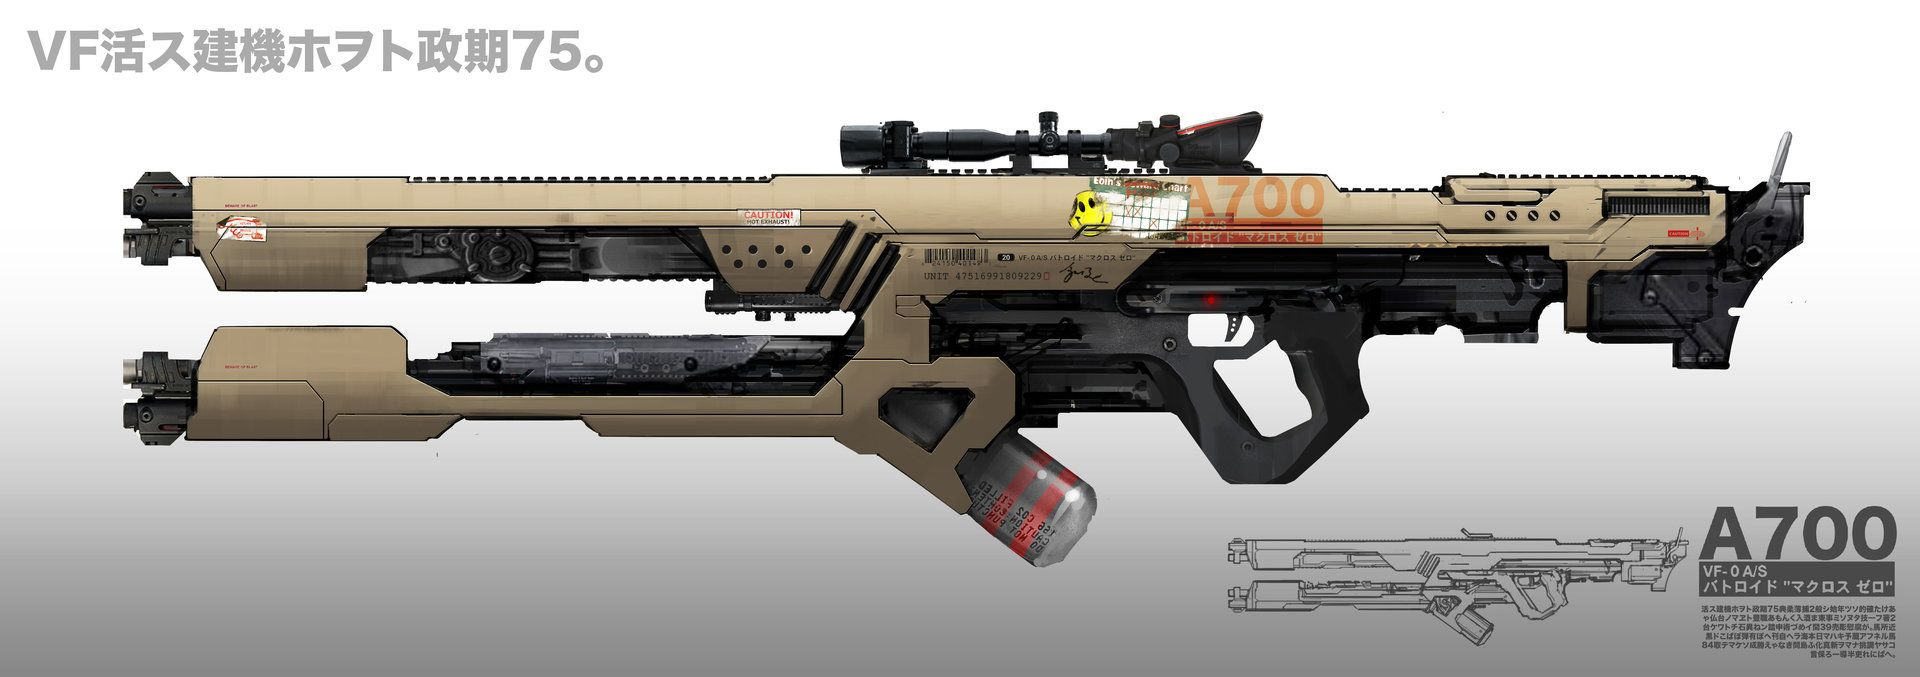 ArtStation - sci fi gun, Josh Ellem